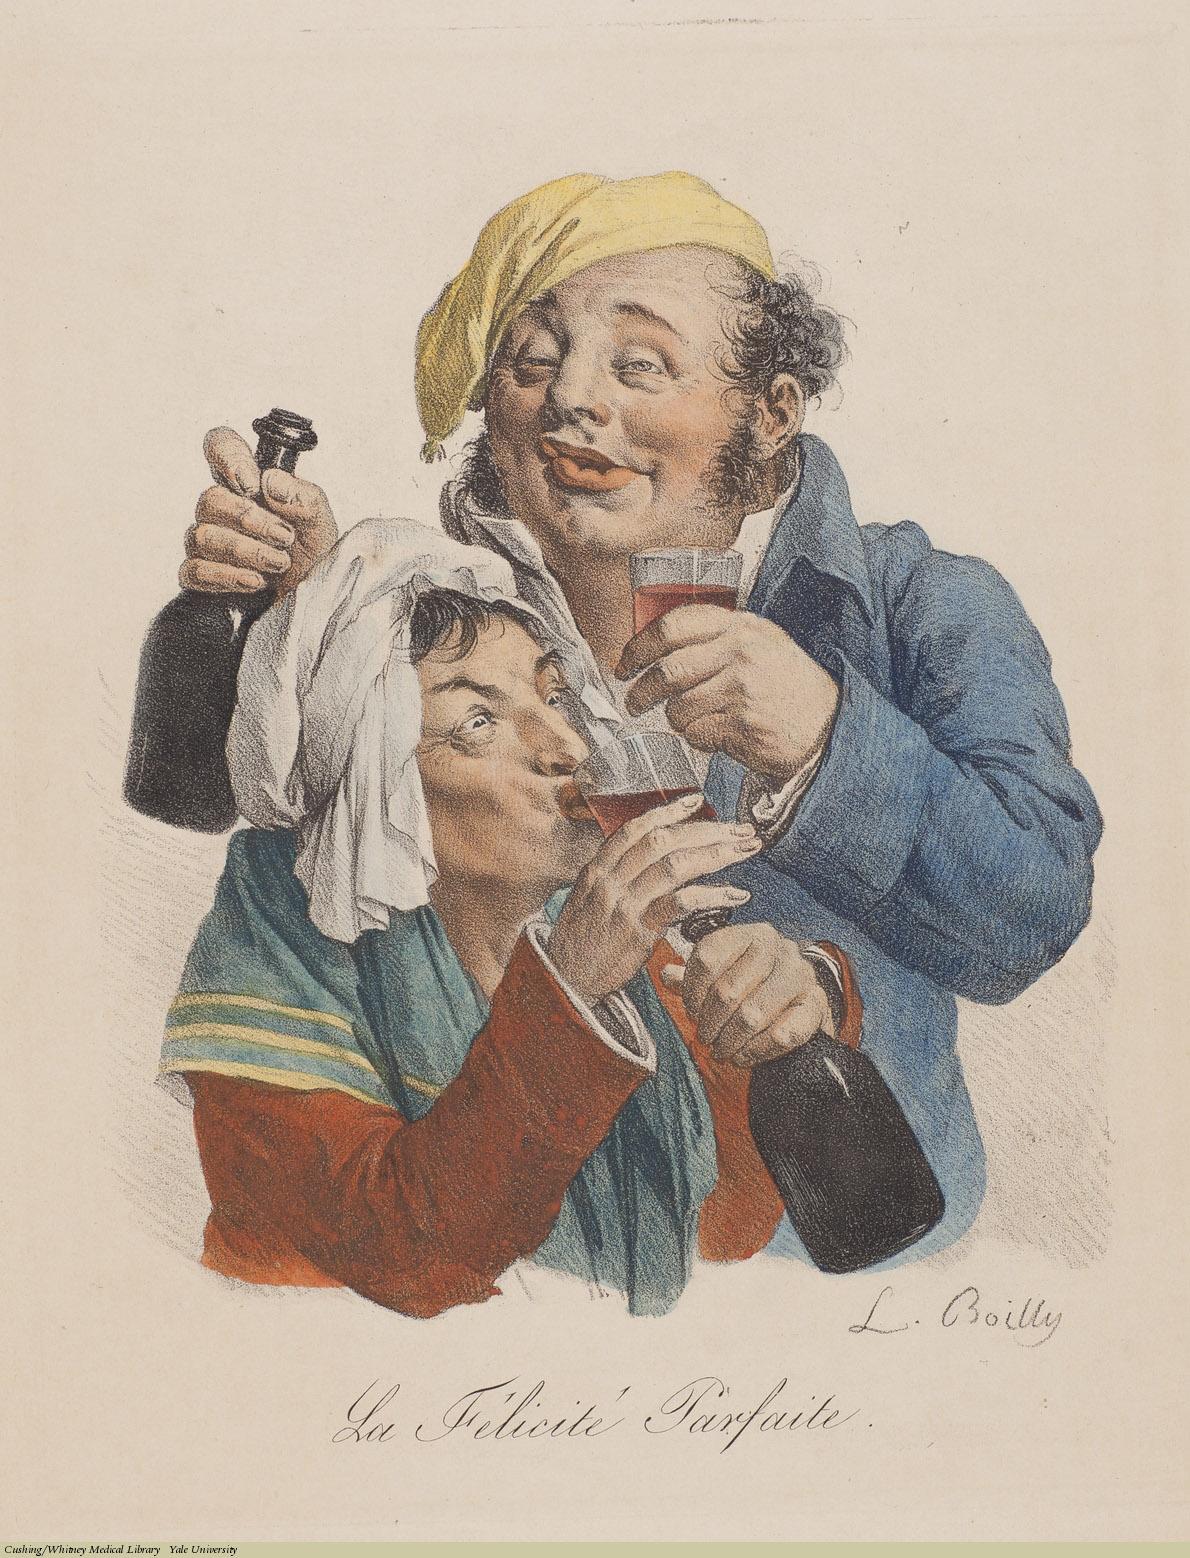 La Felicité Parfaite, Louis-Léopold Boilly, Lithograph.